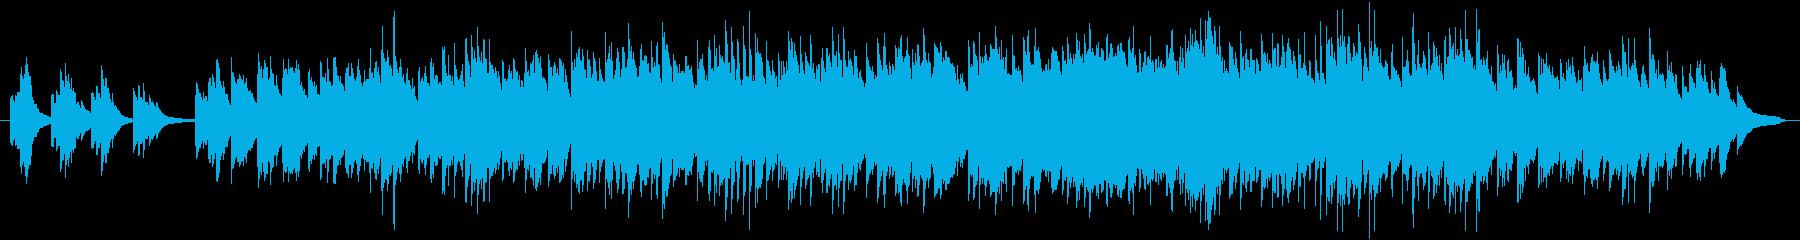 現代風童歌(ピアノソロ)の再生済みの波形